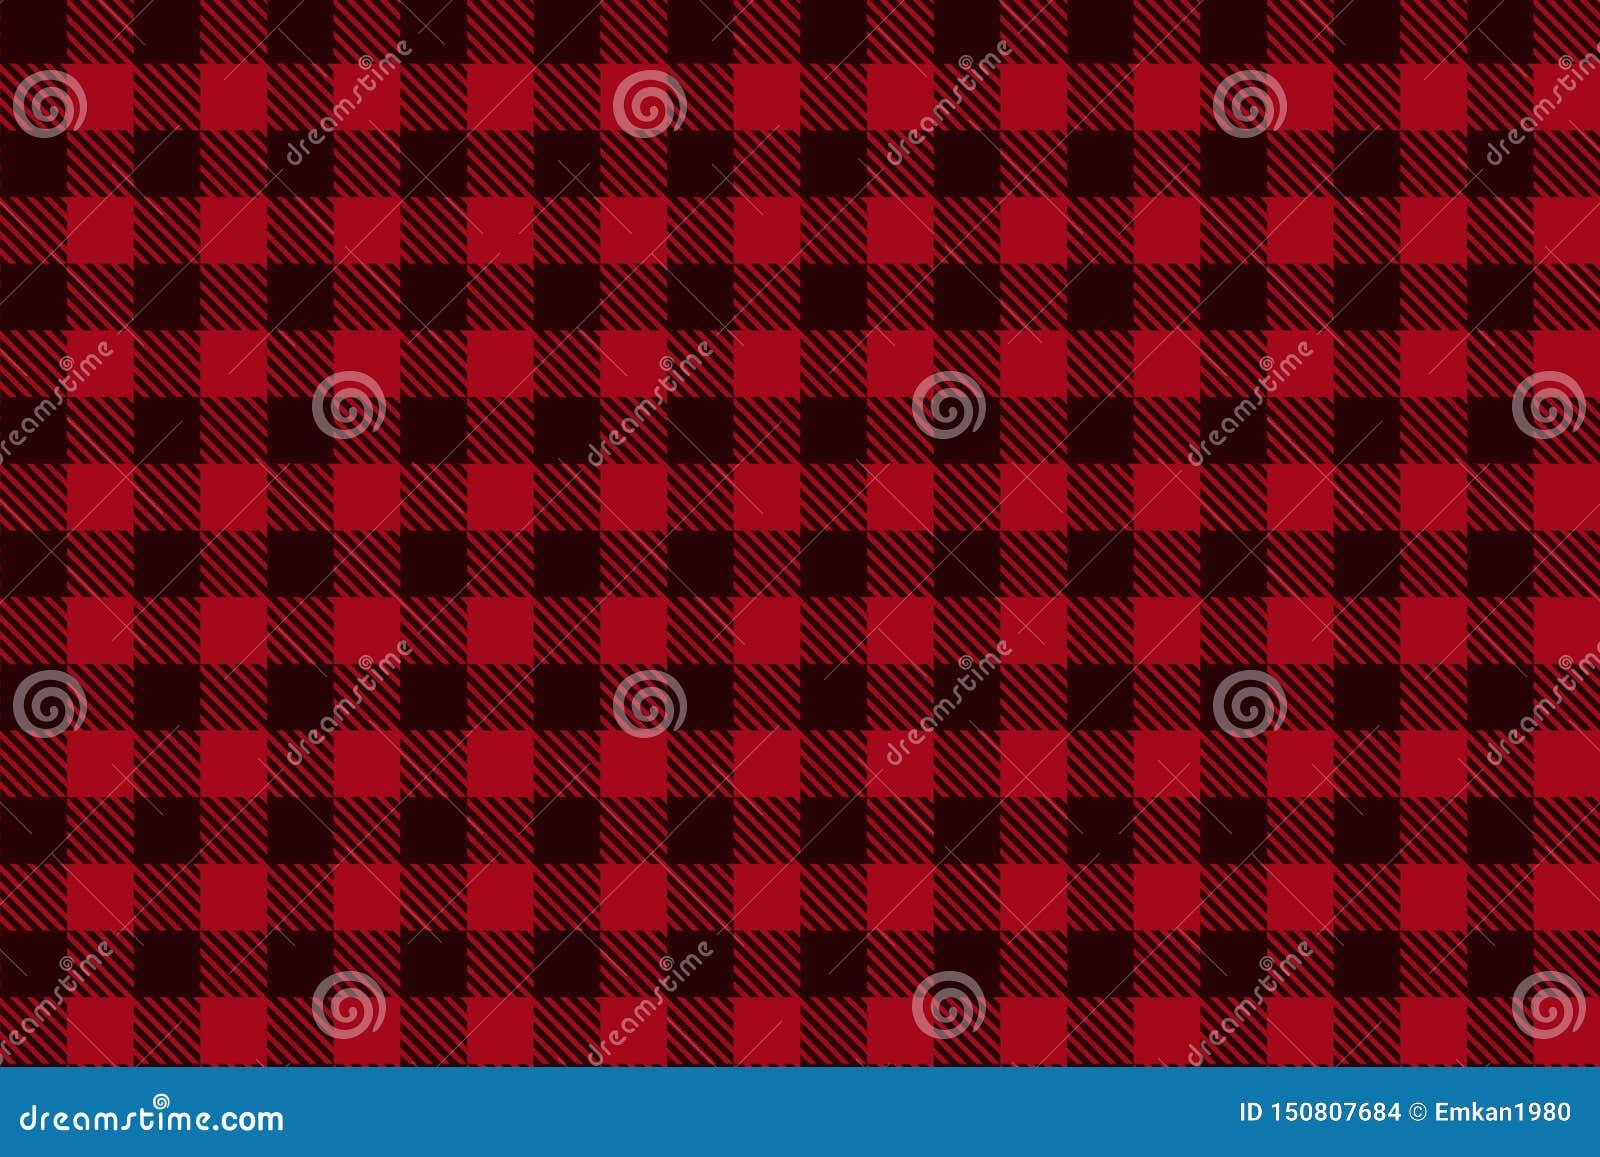 Teste padrão sem emenda da manta preta vermelha do lenhador